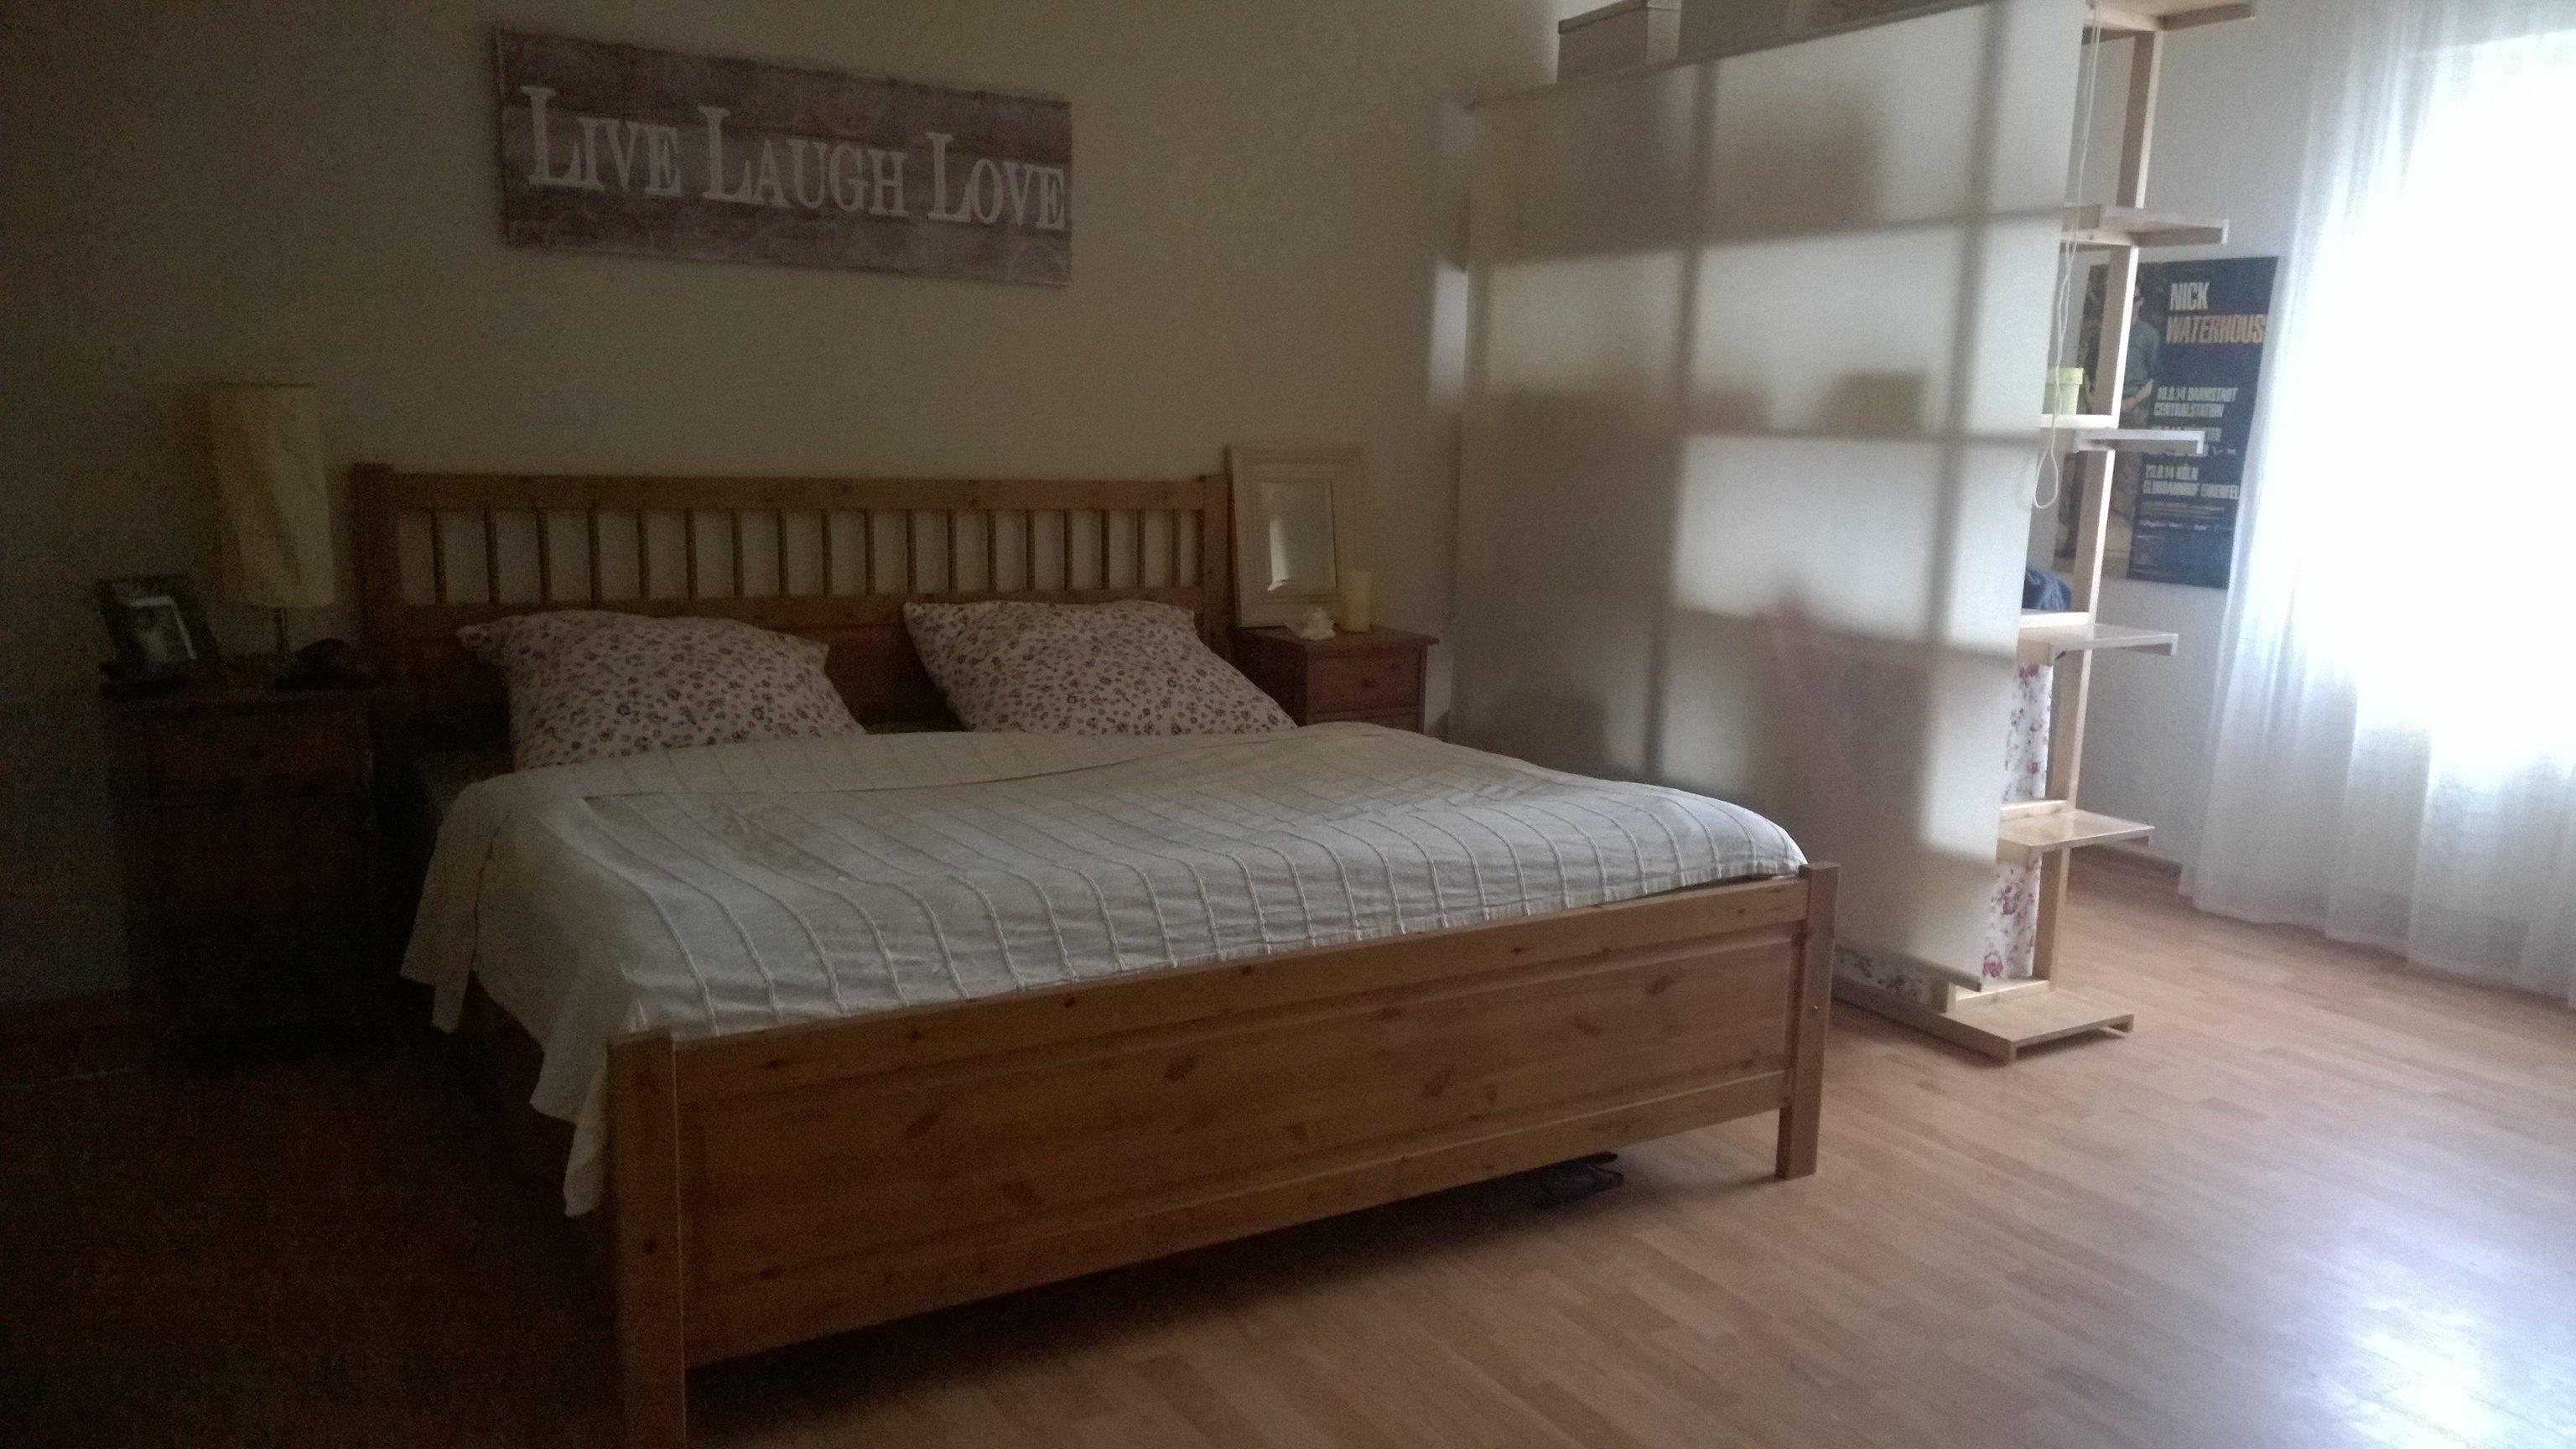 Schlafzimmer 39 mein kombi schlafzimmer 39 mein h uschen - Mein schlafzimmer ...